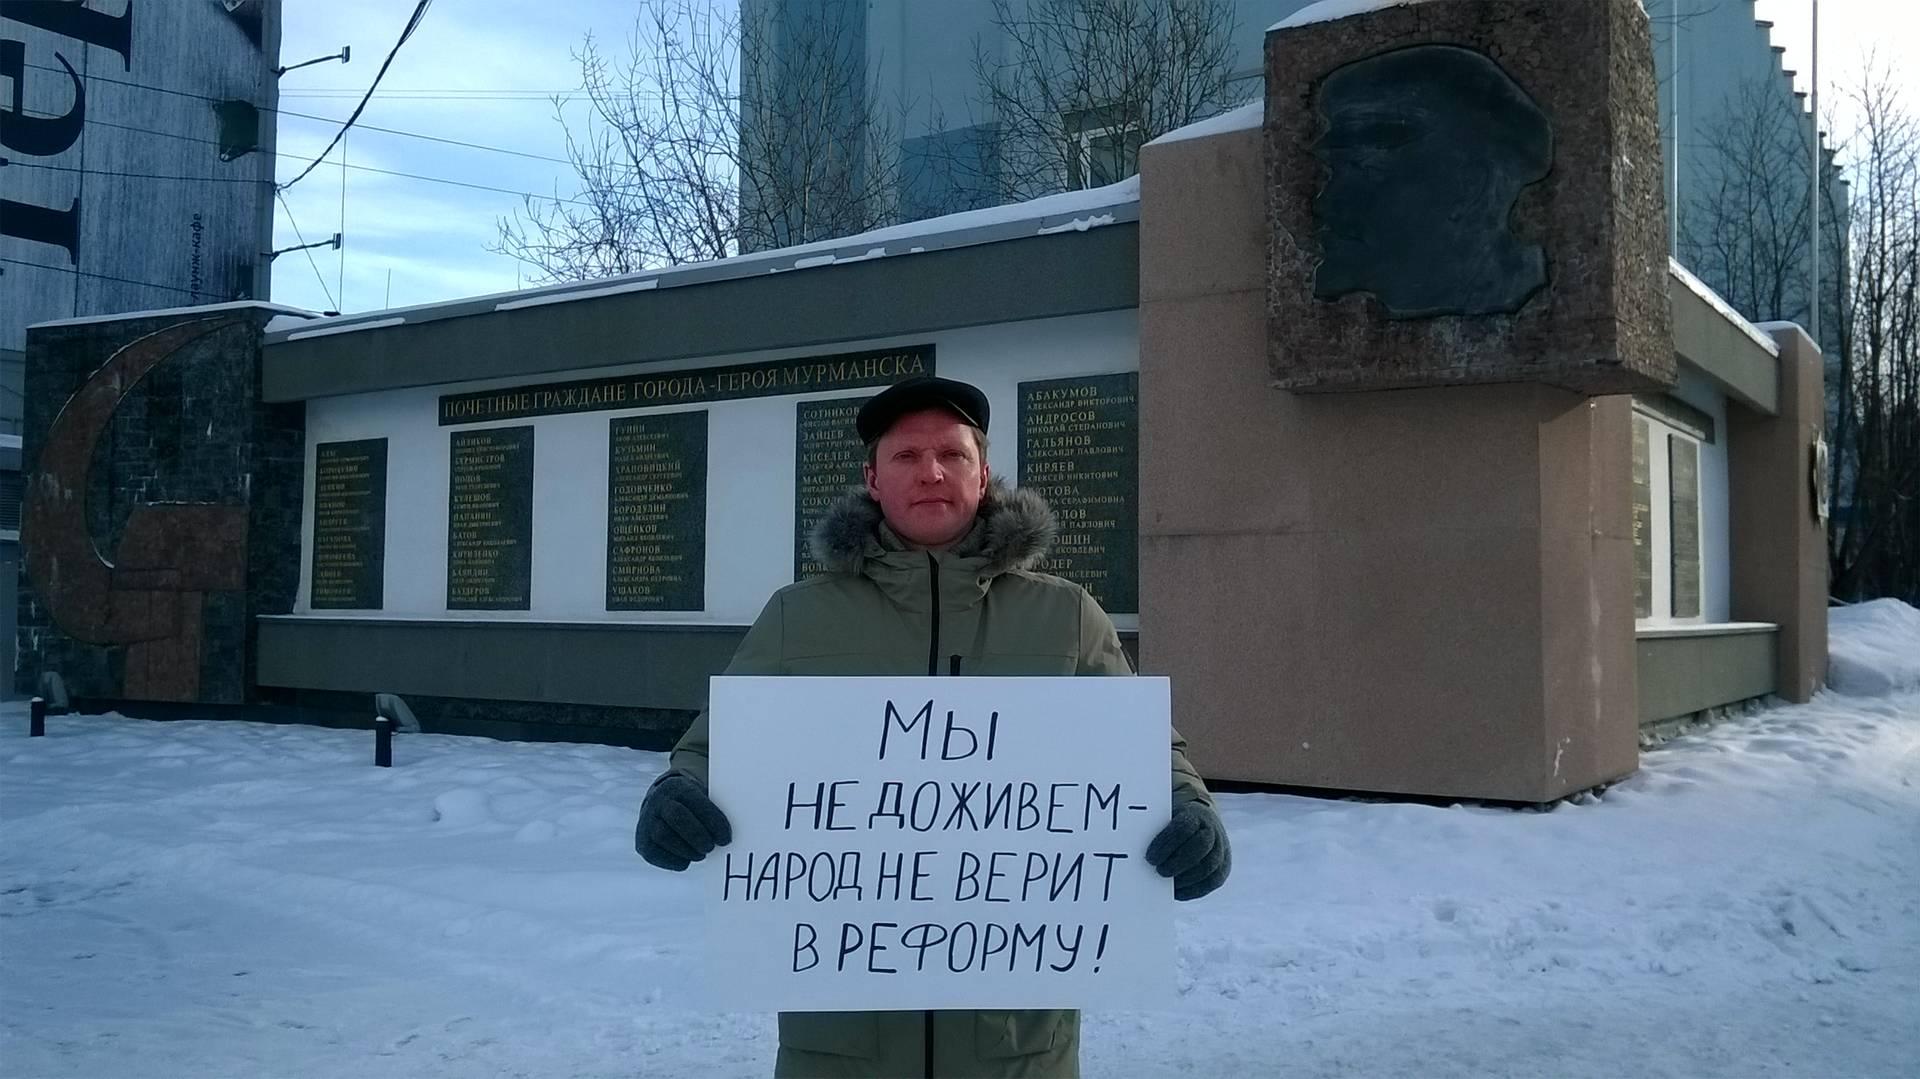 Пикет против пенсионной реформы в Мурманске